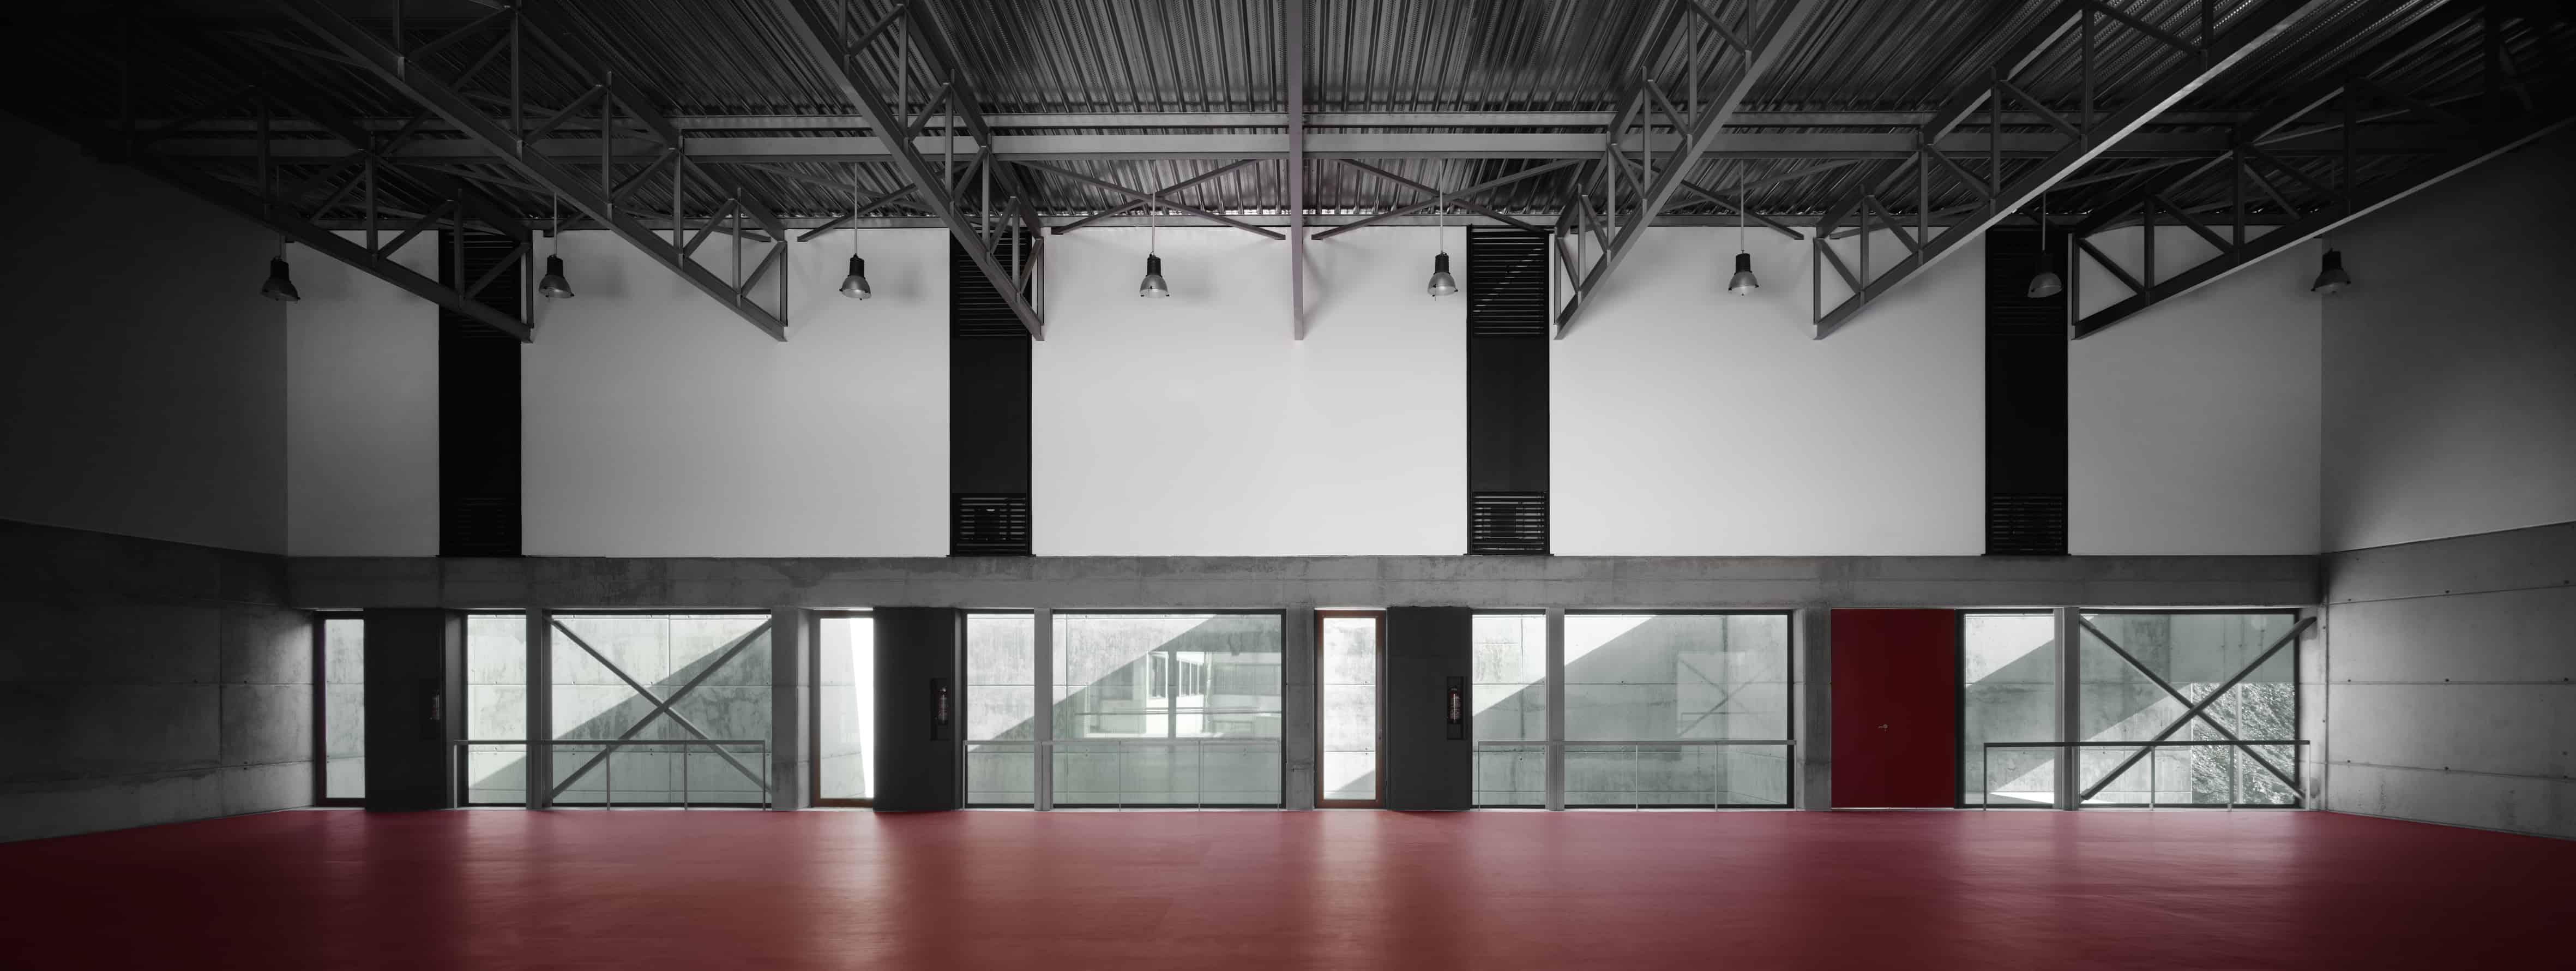 Pabellón Malpartida - LANDINEZ+REY | equipo L2G arquitectos, [eL2Gaa]